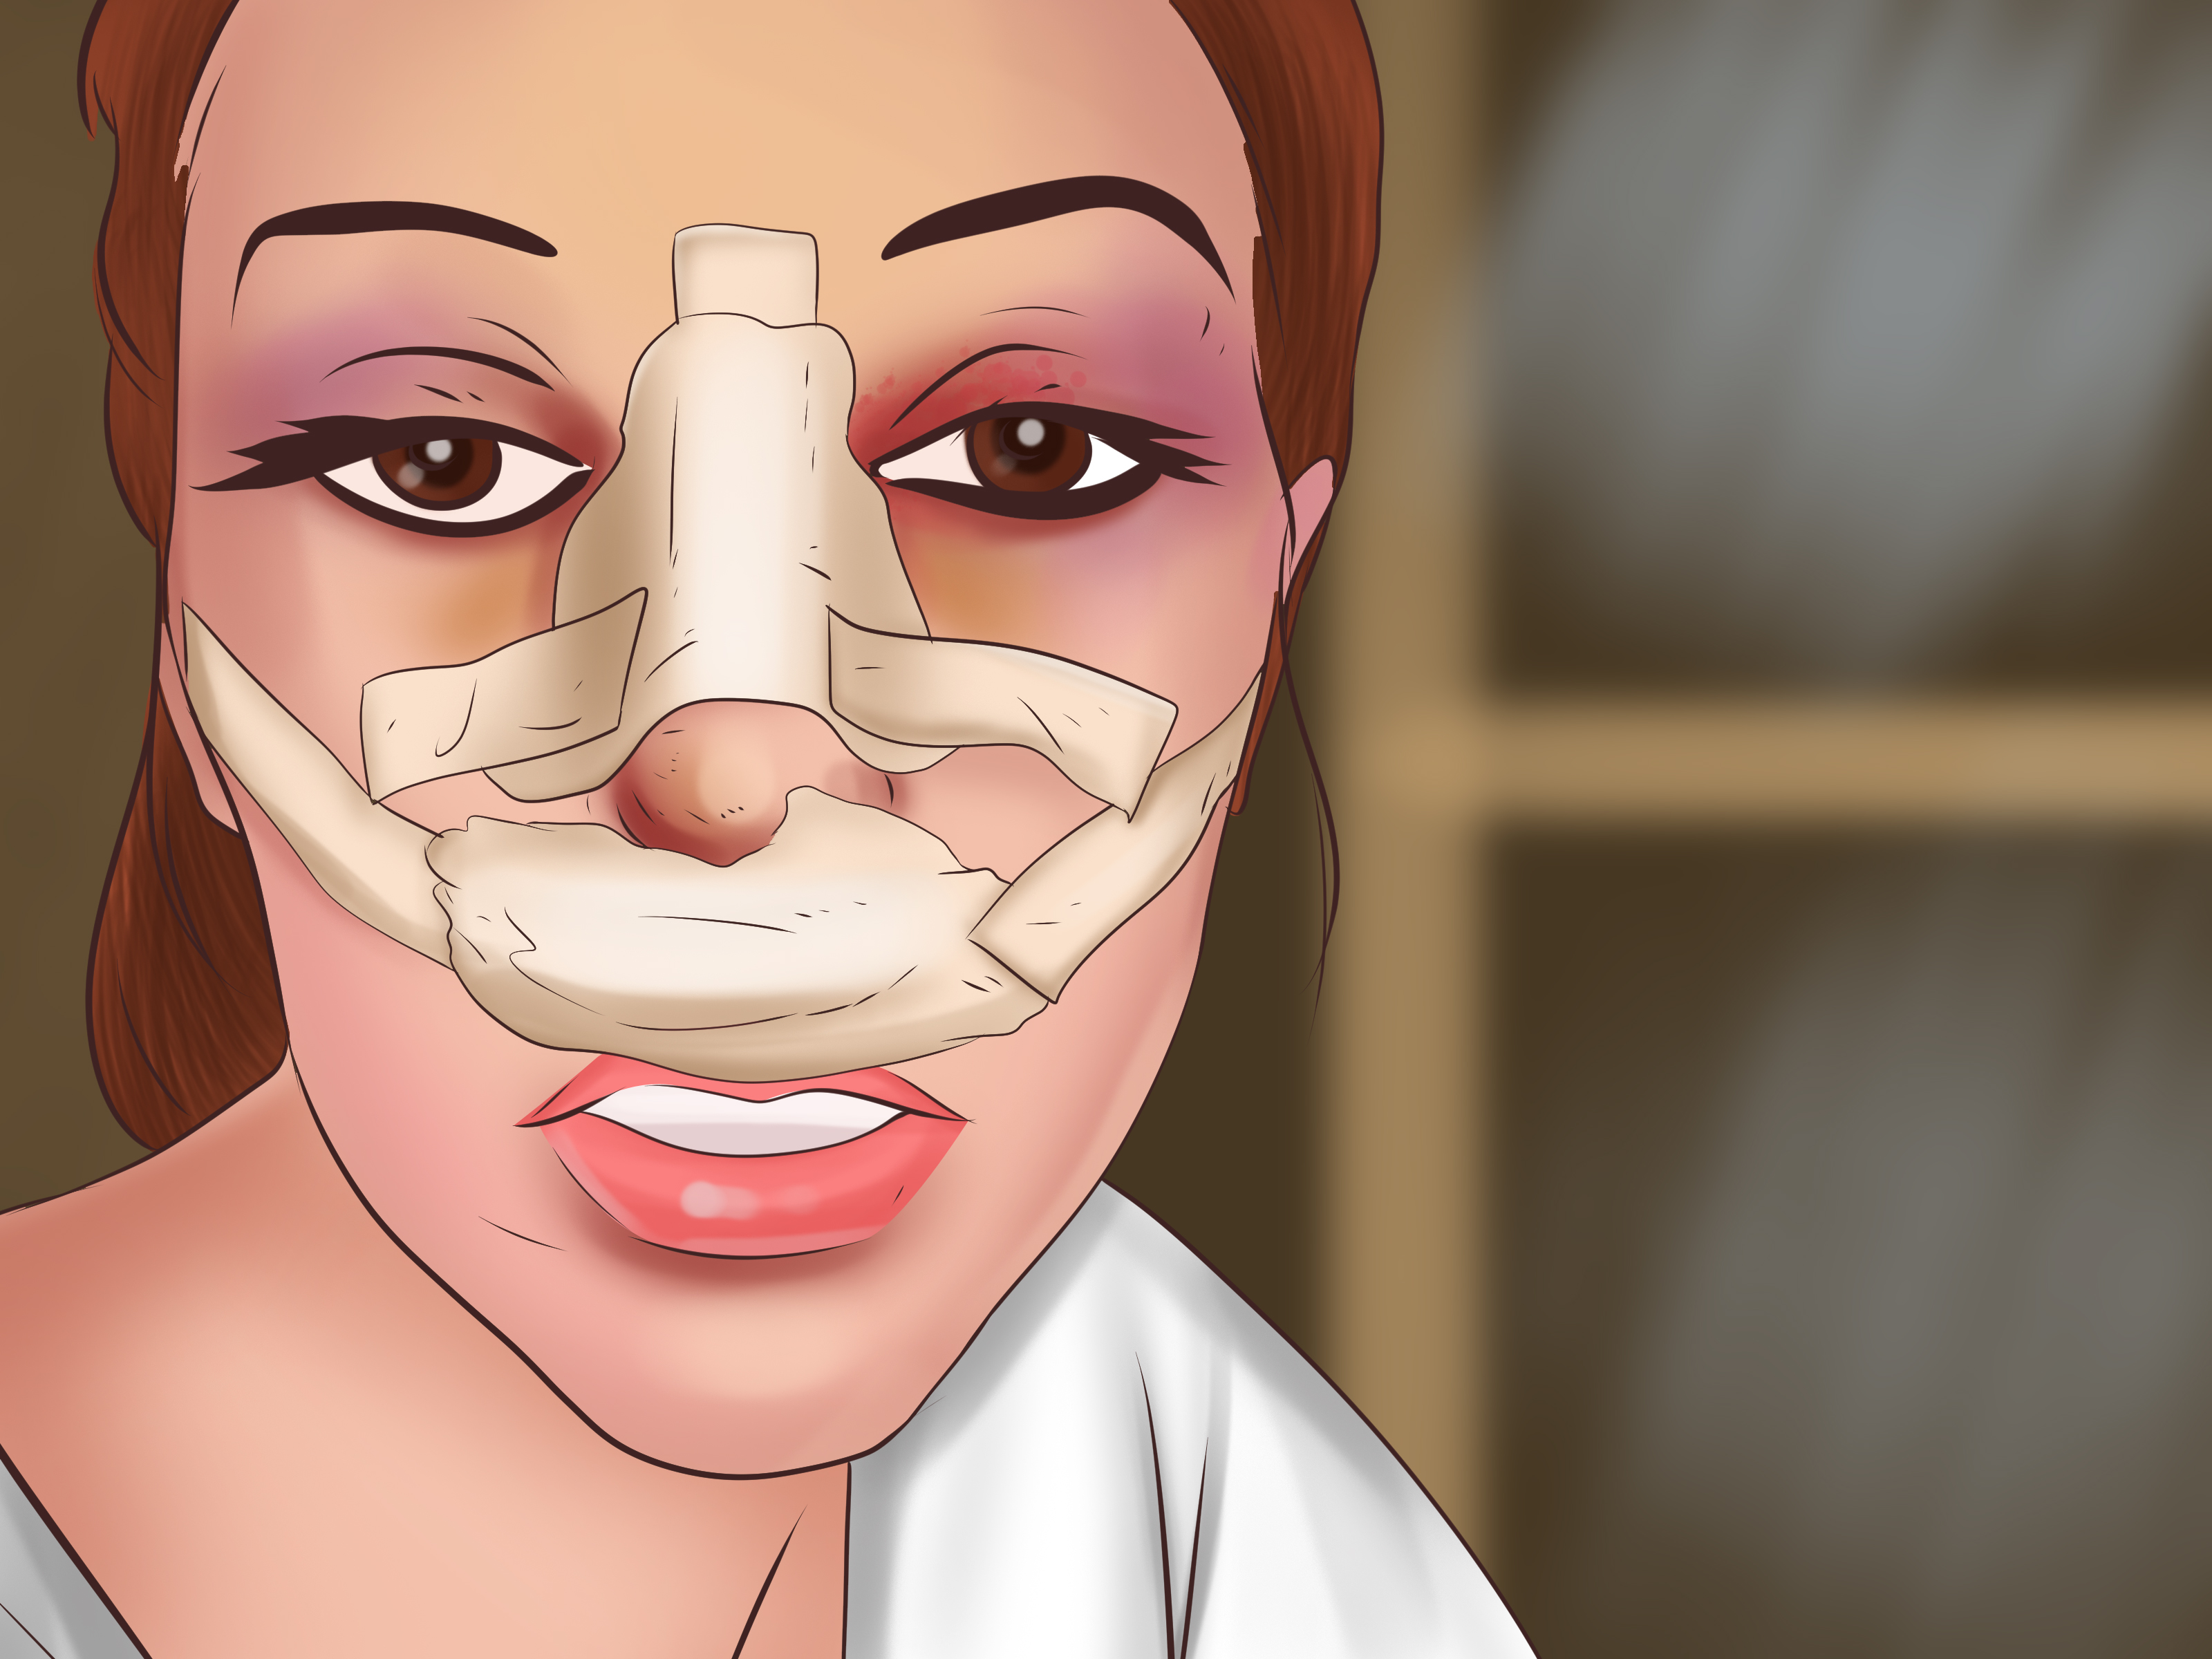 متى يخف تورم الانف بعد عملية التجميل